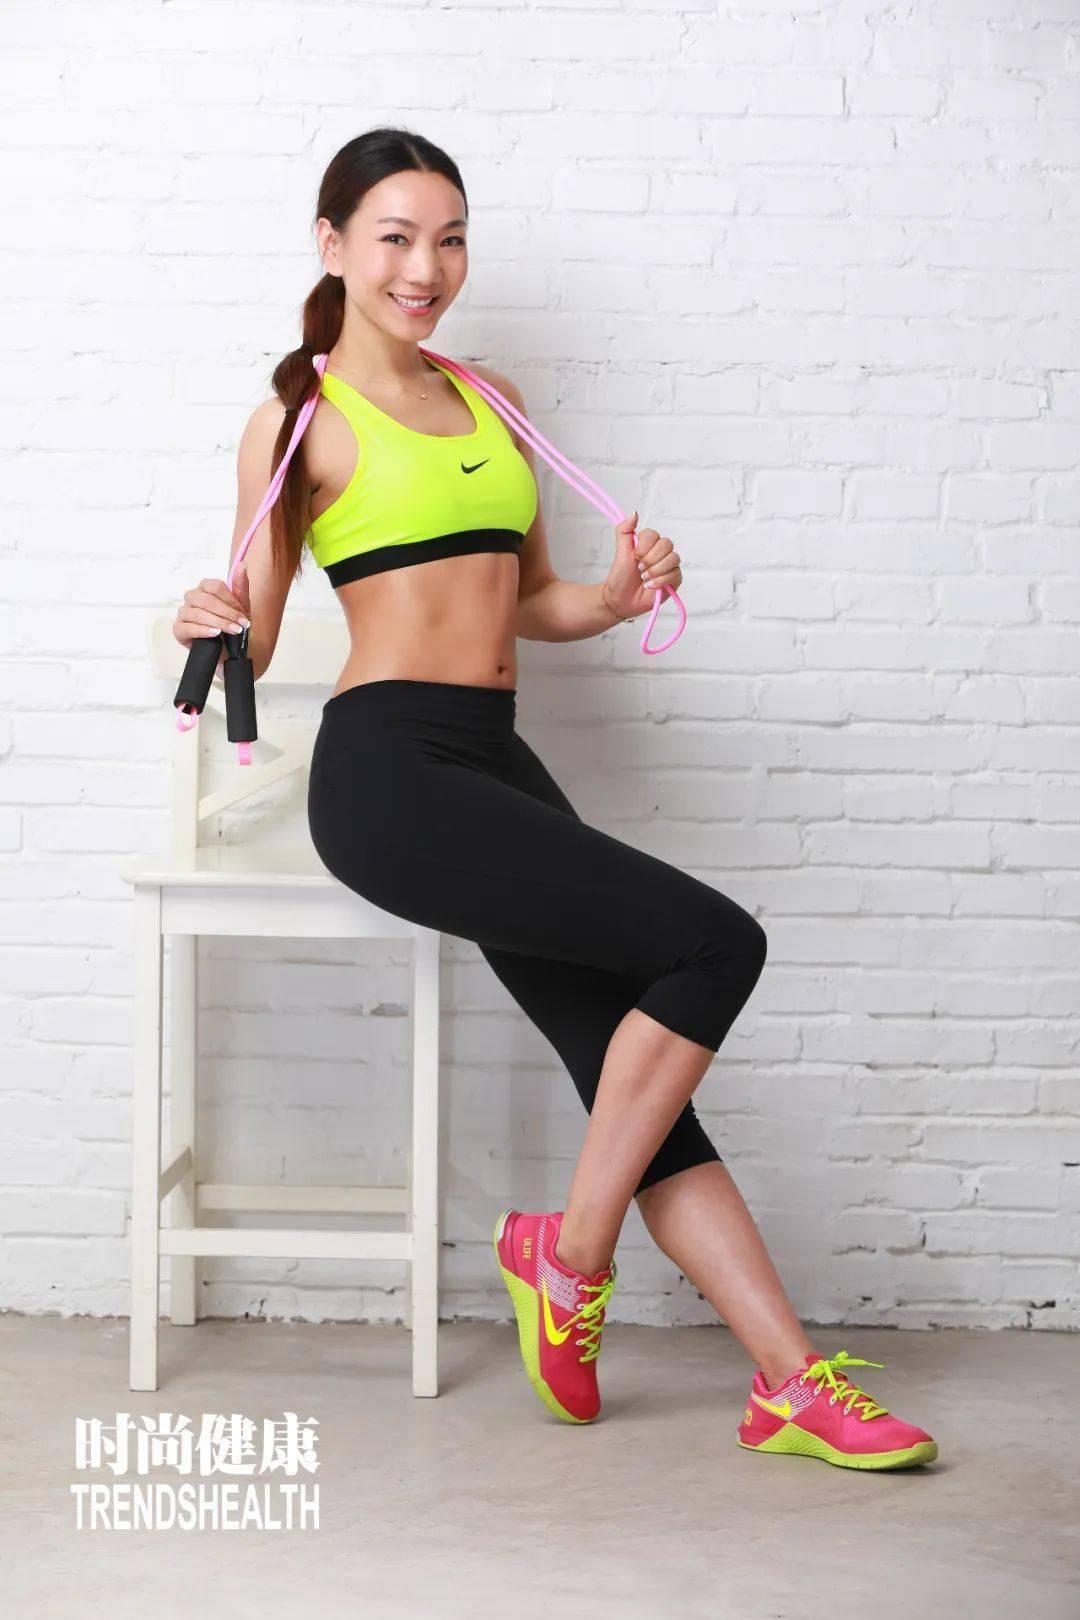 【健康榜样】健身她时代来临:有人收获幸福,有人获取快乐…